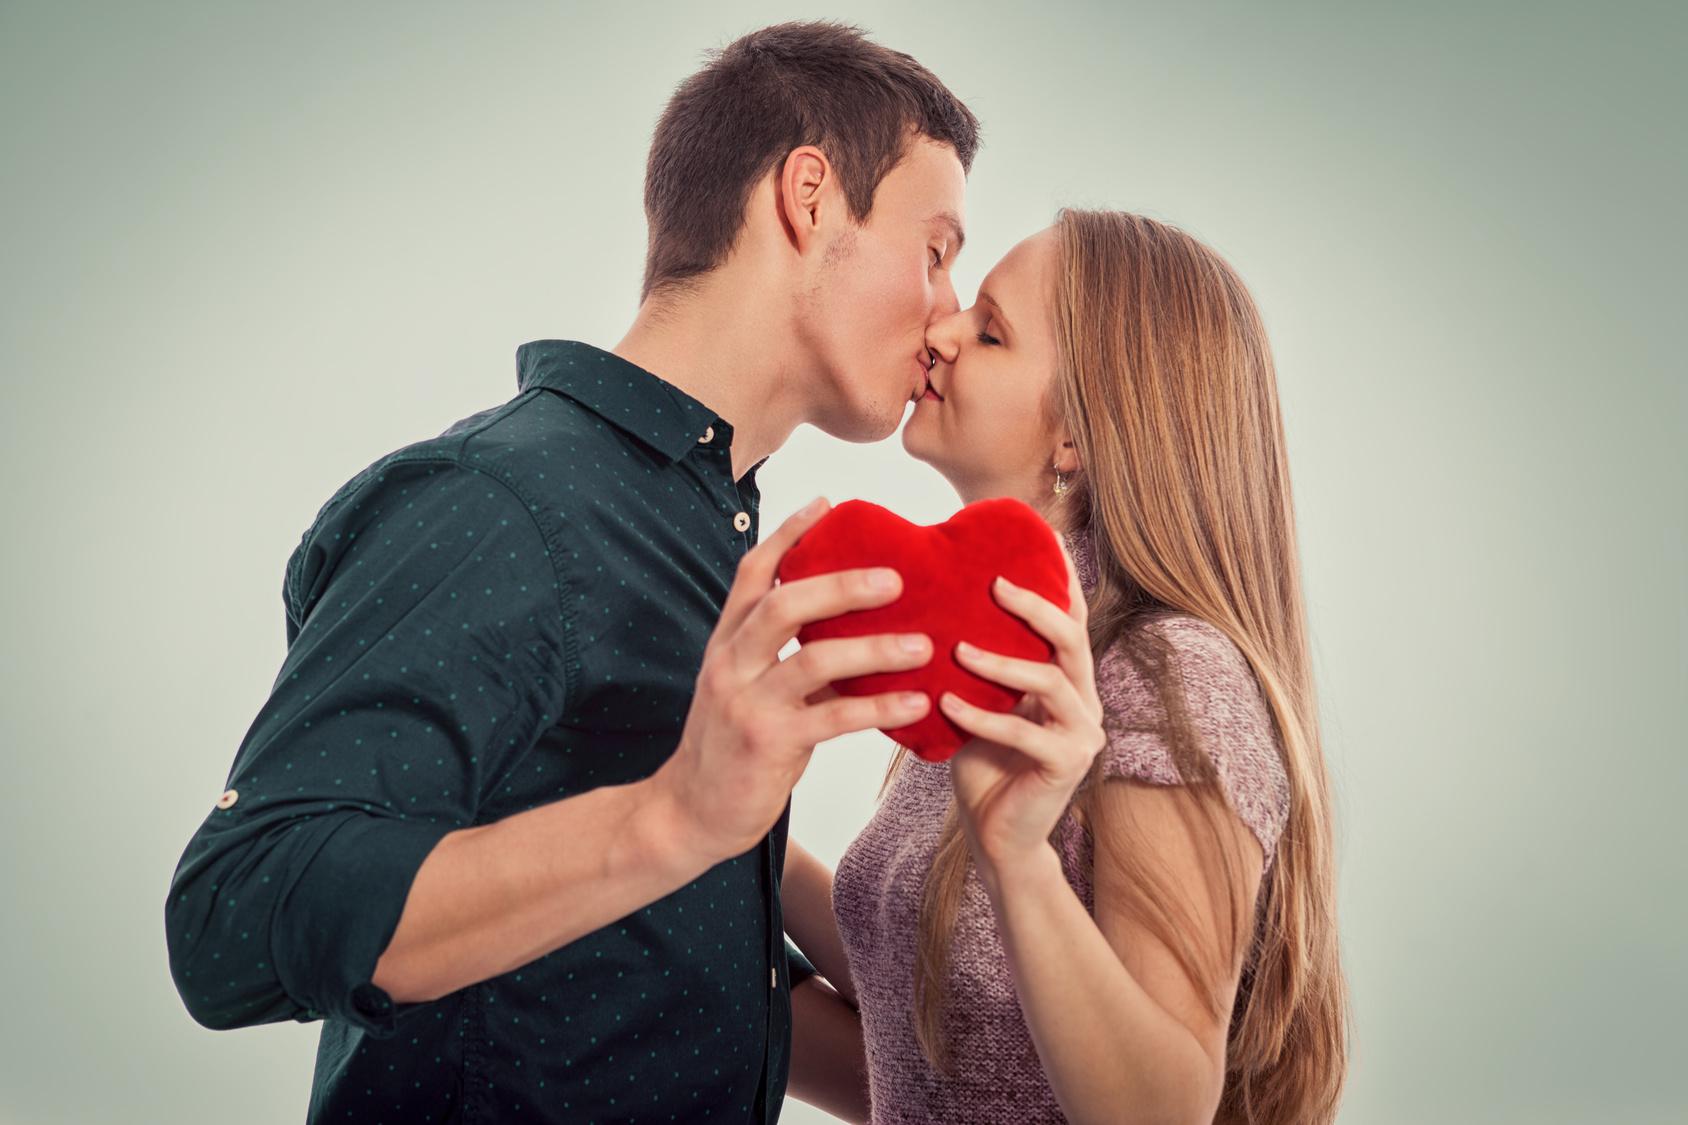 Flirting couple in love kissing